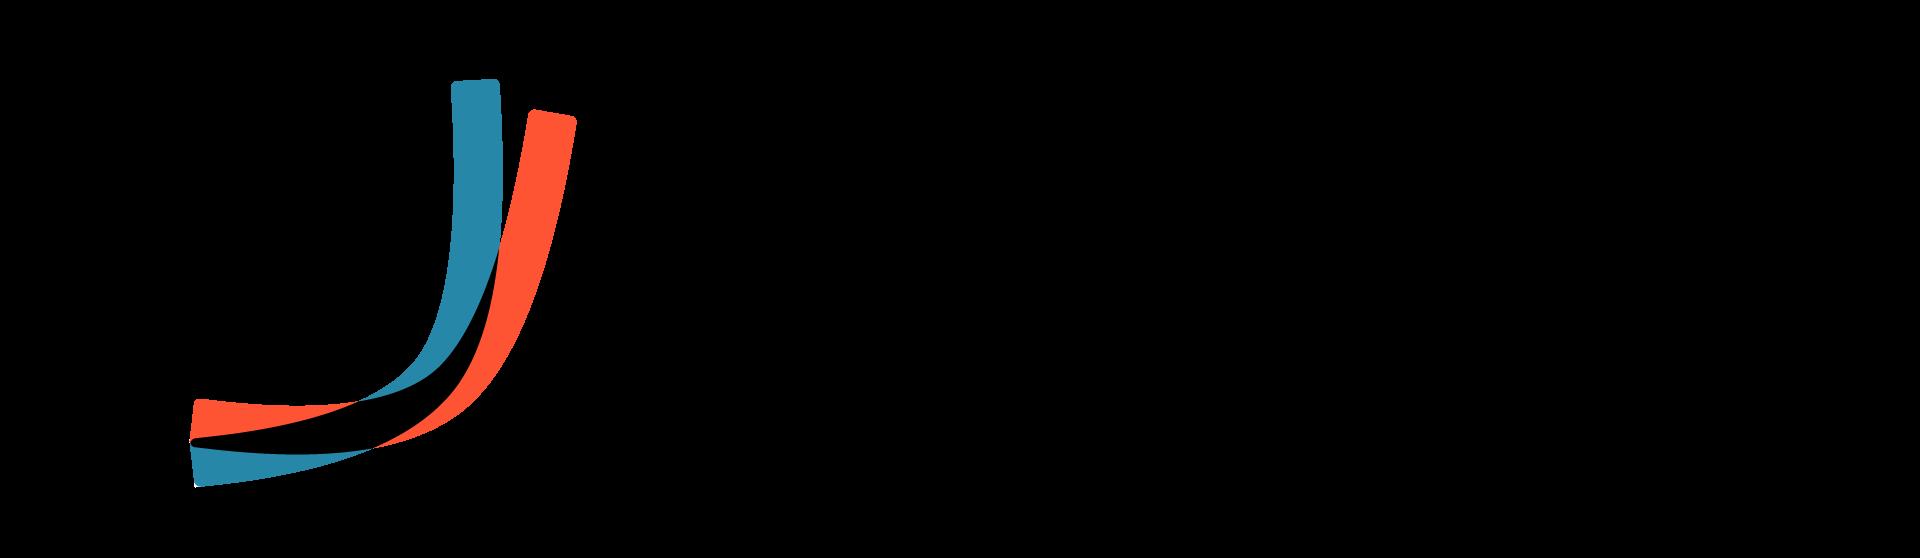 Apx logo rgb notagline